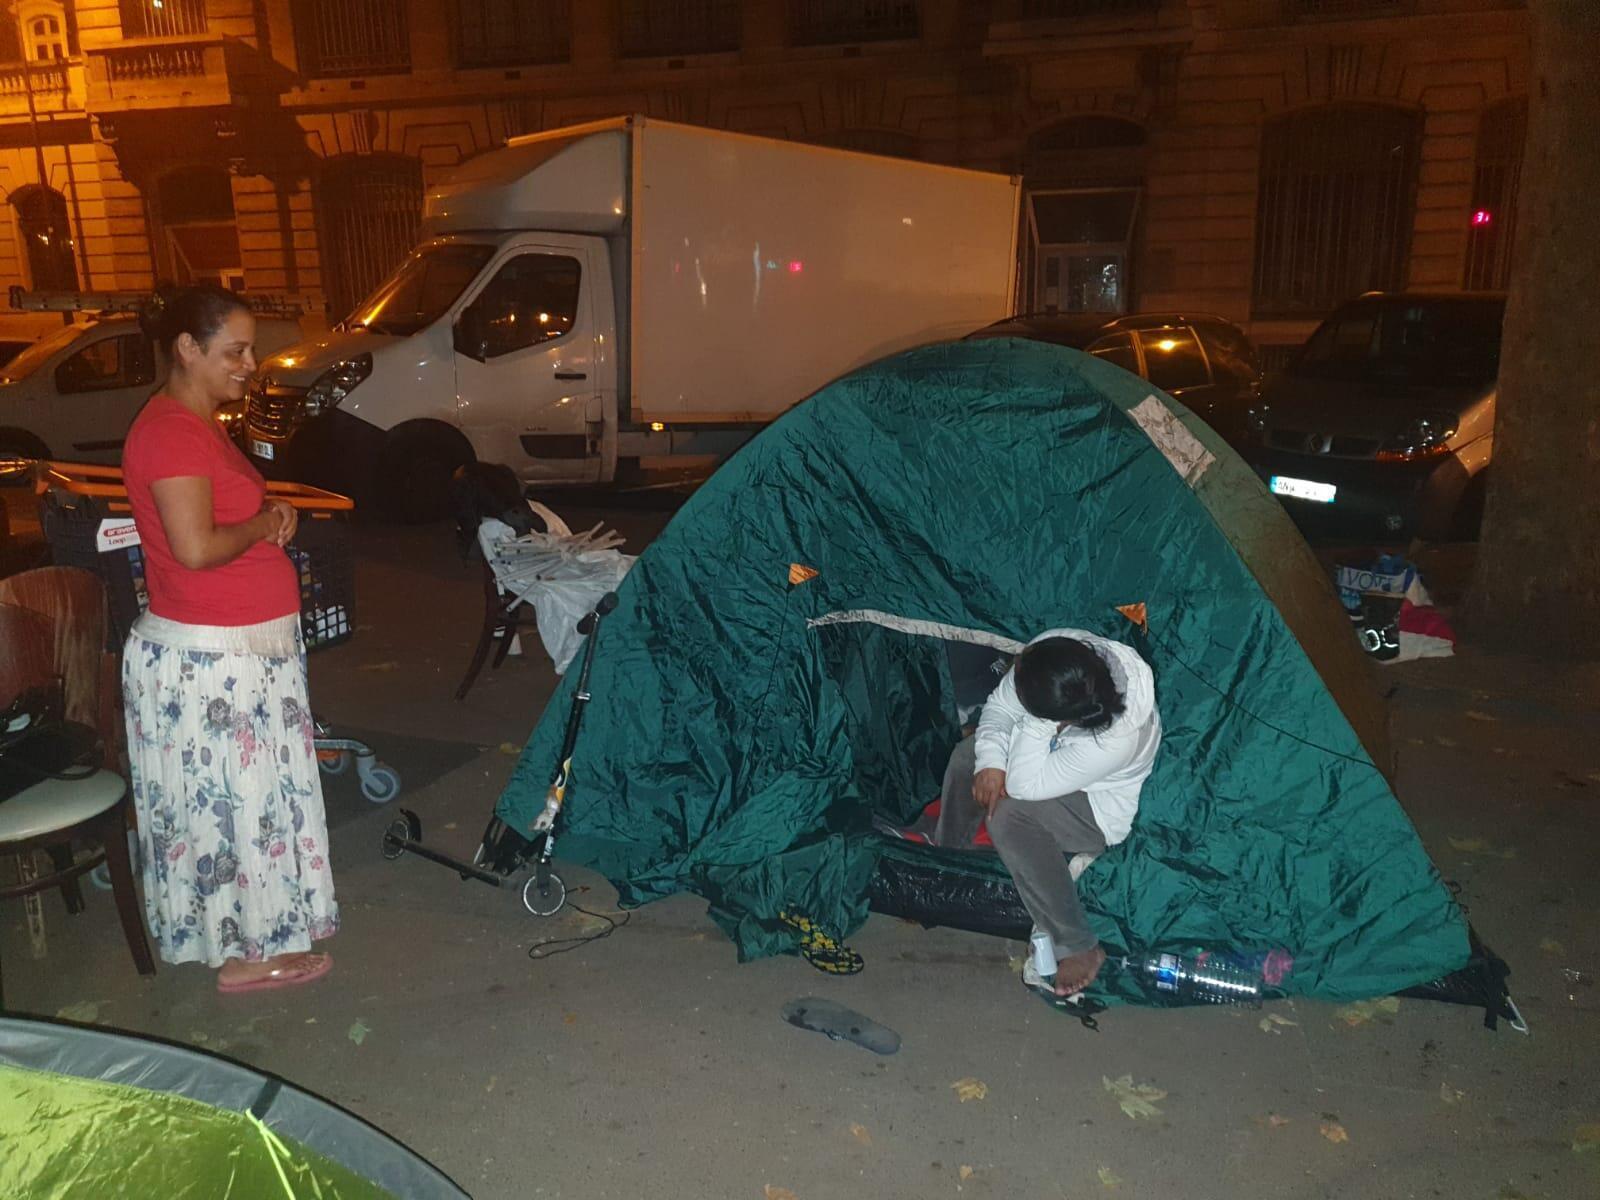 Tras haber sido expulsados, los okupas viven en un campamento frente al Ayuntamiento de Saint-Ouen.